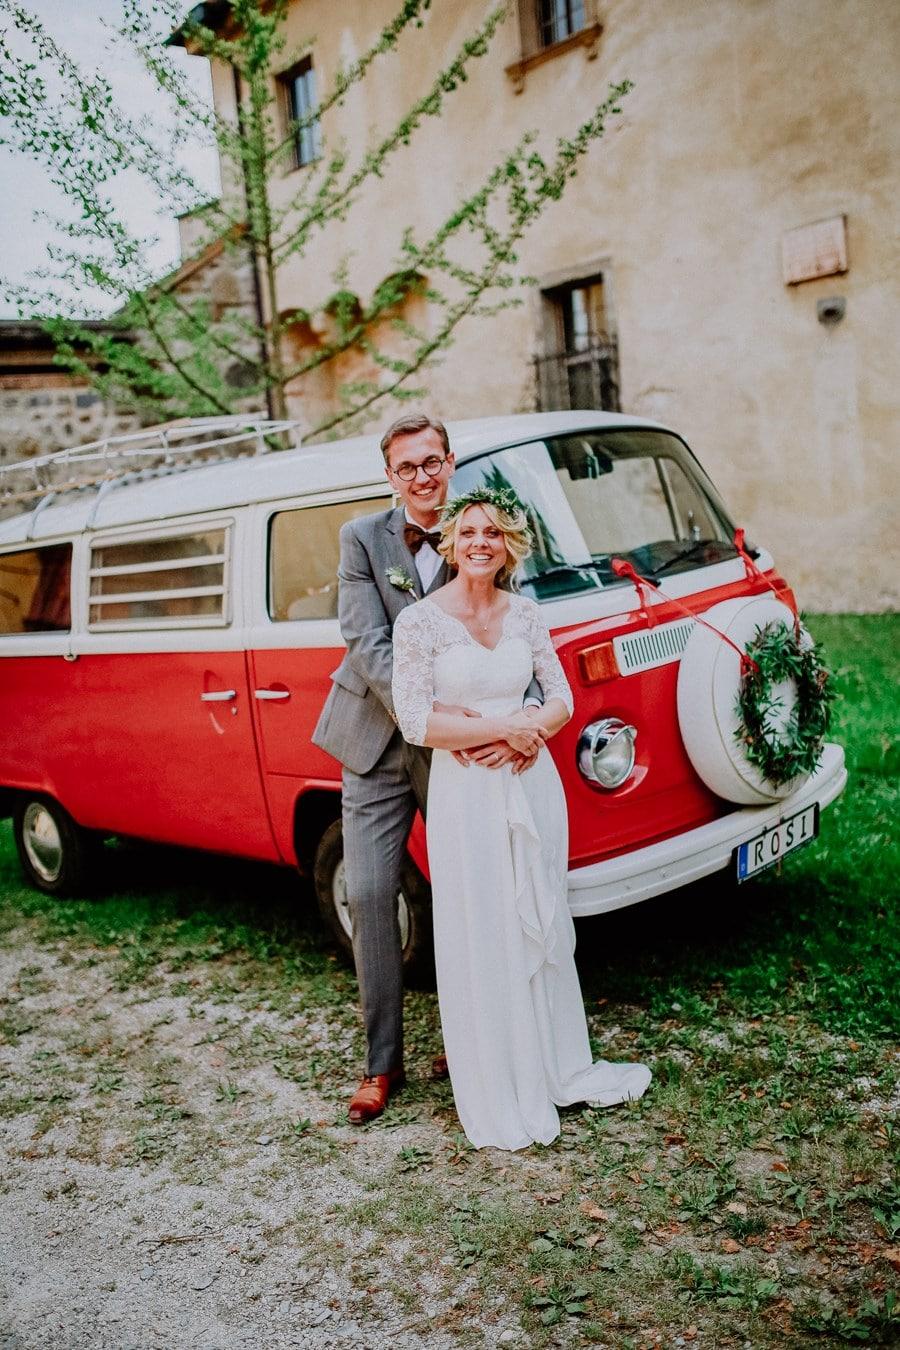 Boho-Hochzeit mit einer Photobooth im VW Bully namens Foto-Rosi als Unterhaltung für die Gäste